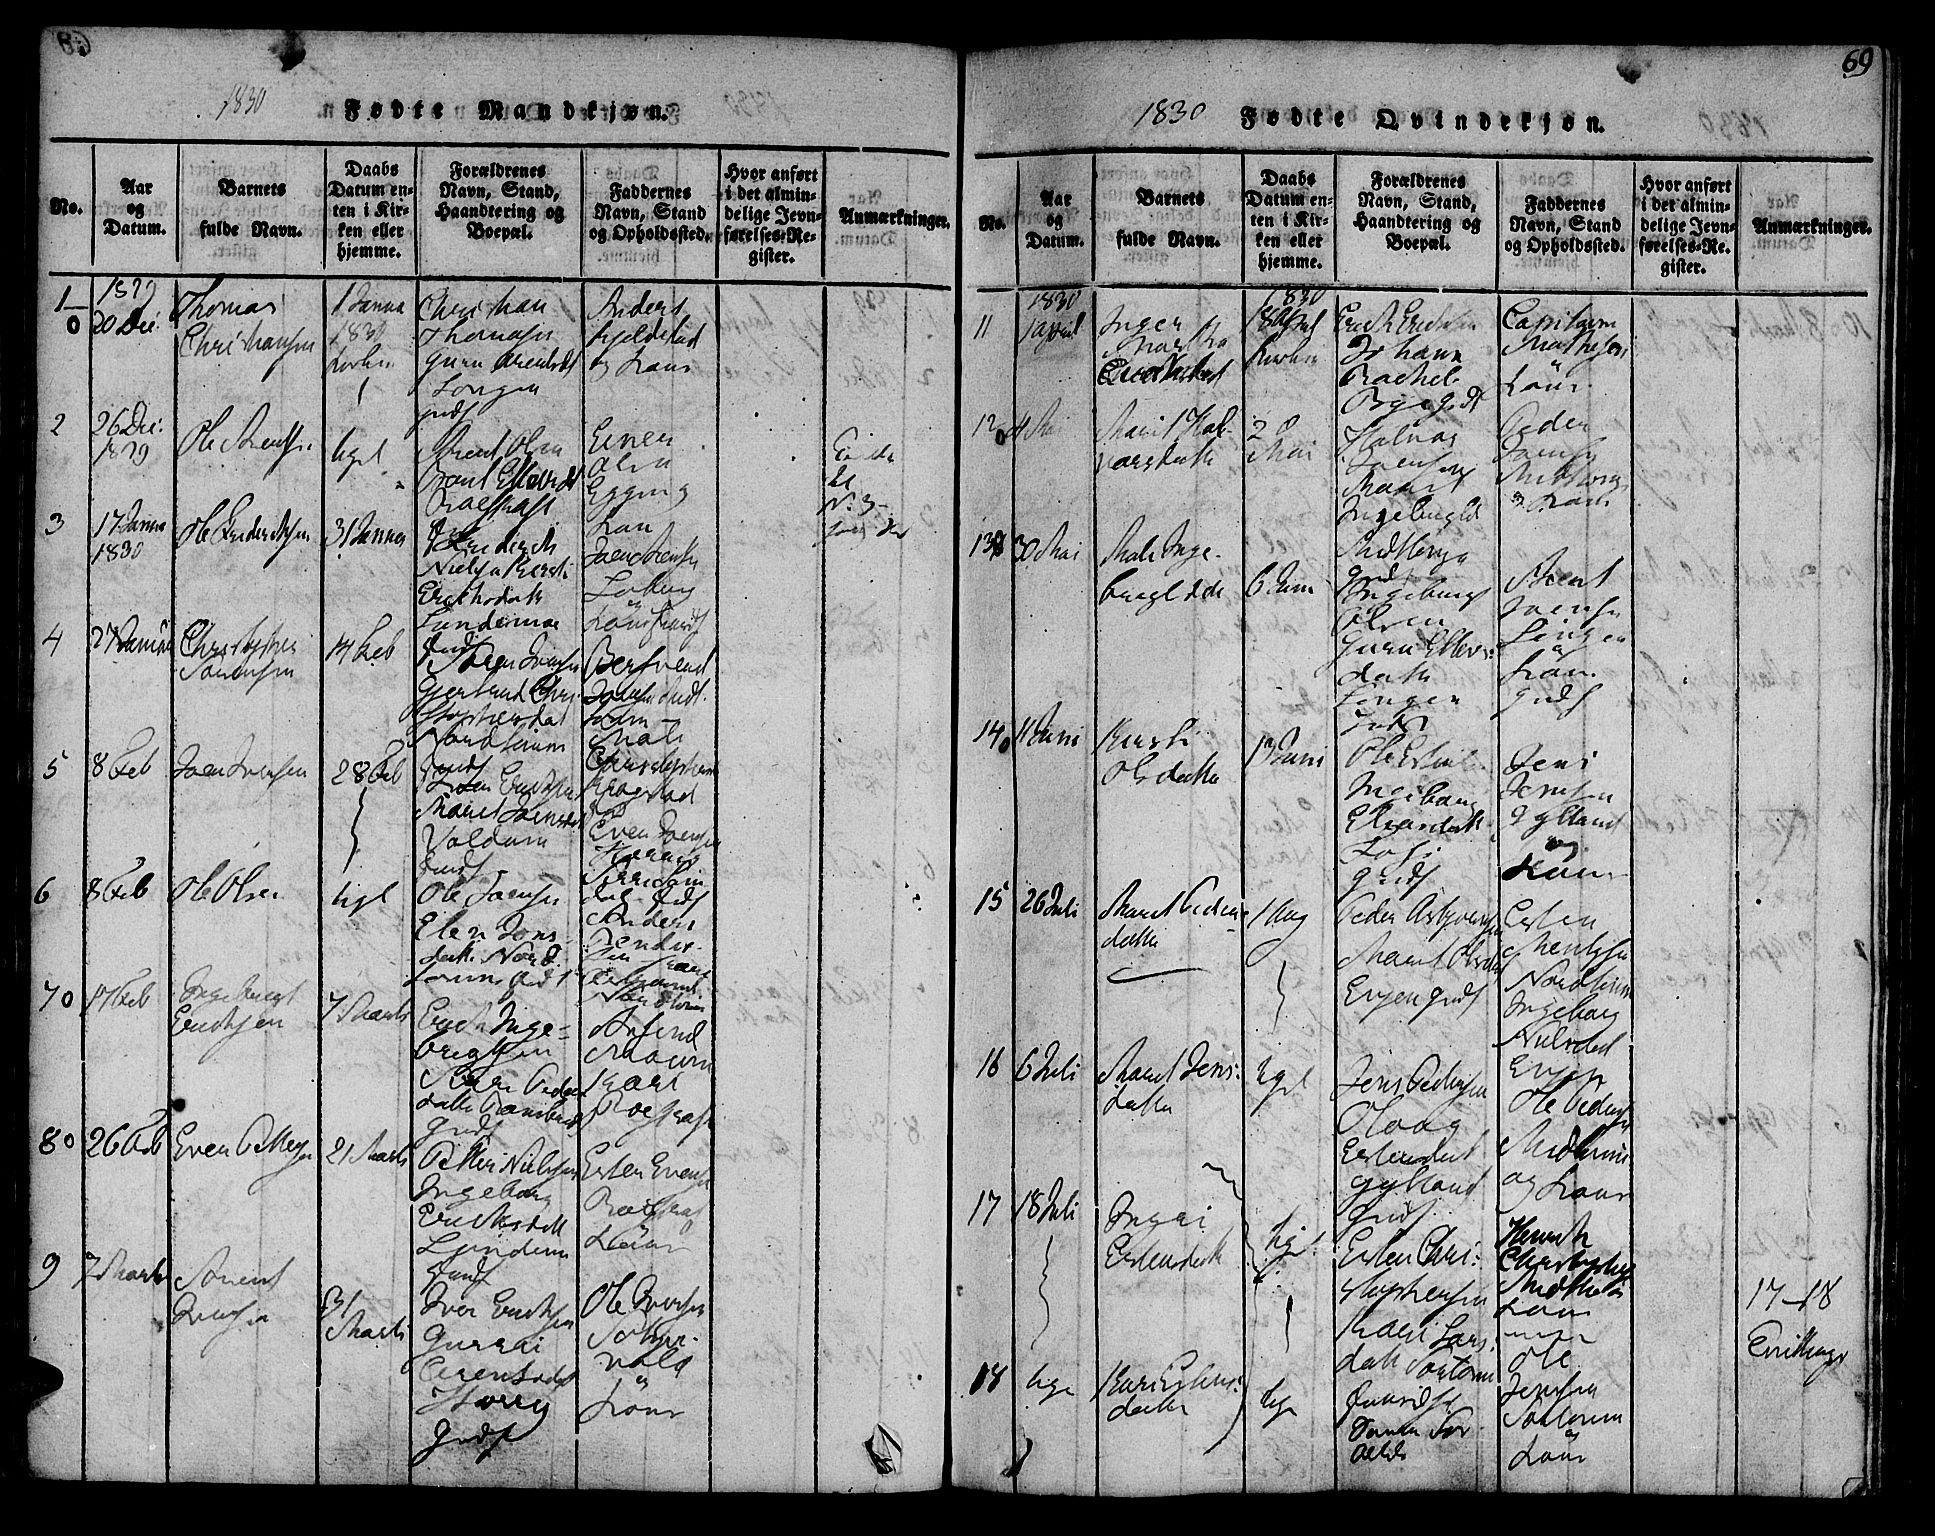 SAT, Ministerialprotokoller, klokkerbøker og fødselsregistre - Sør-Trøndelag, 692/L1102: Ministerialbok nr. 692A02, 1816-1842, s. 69